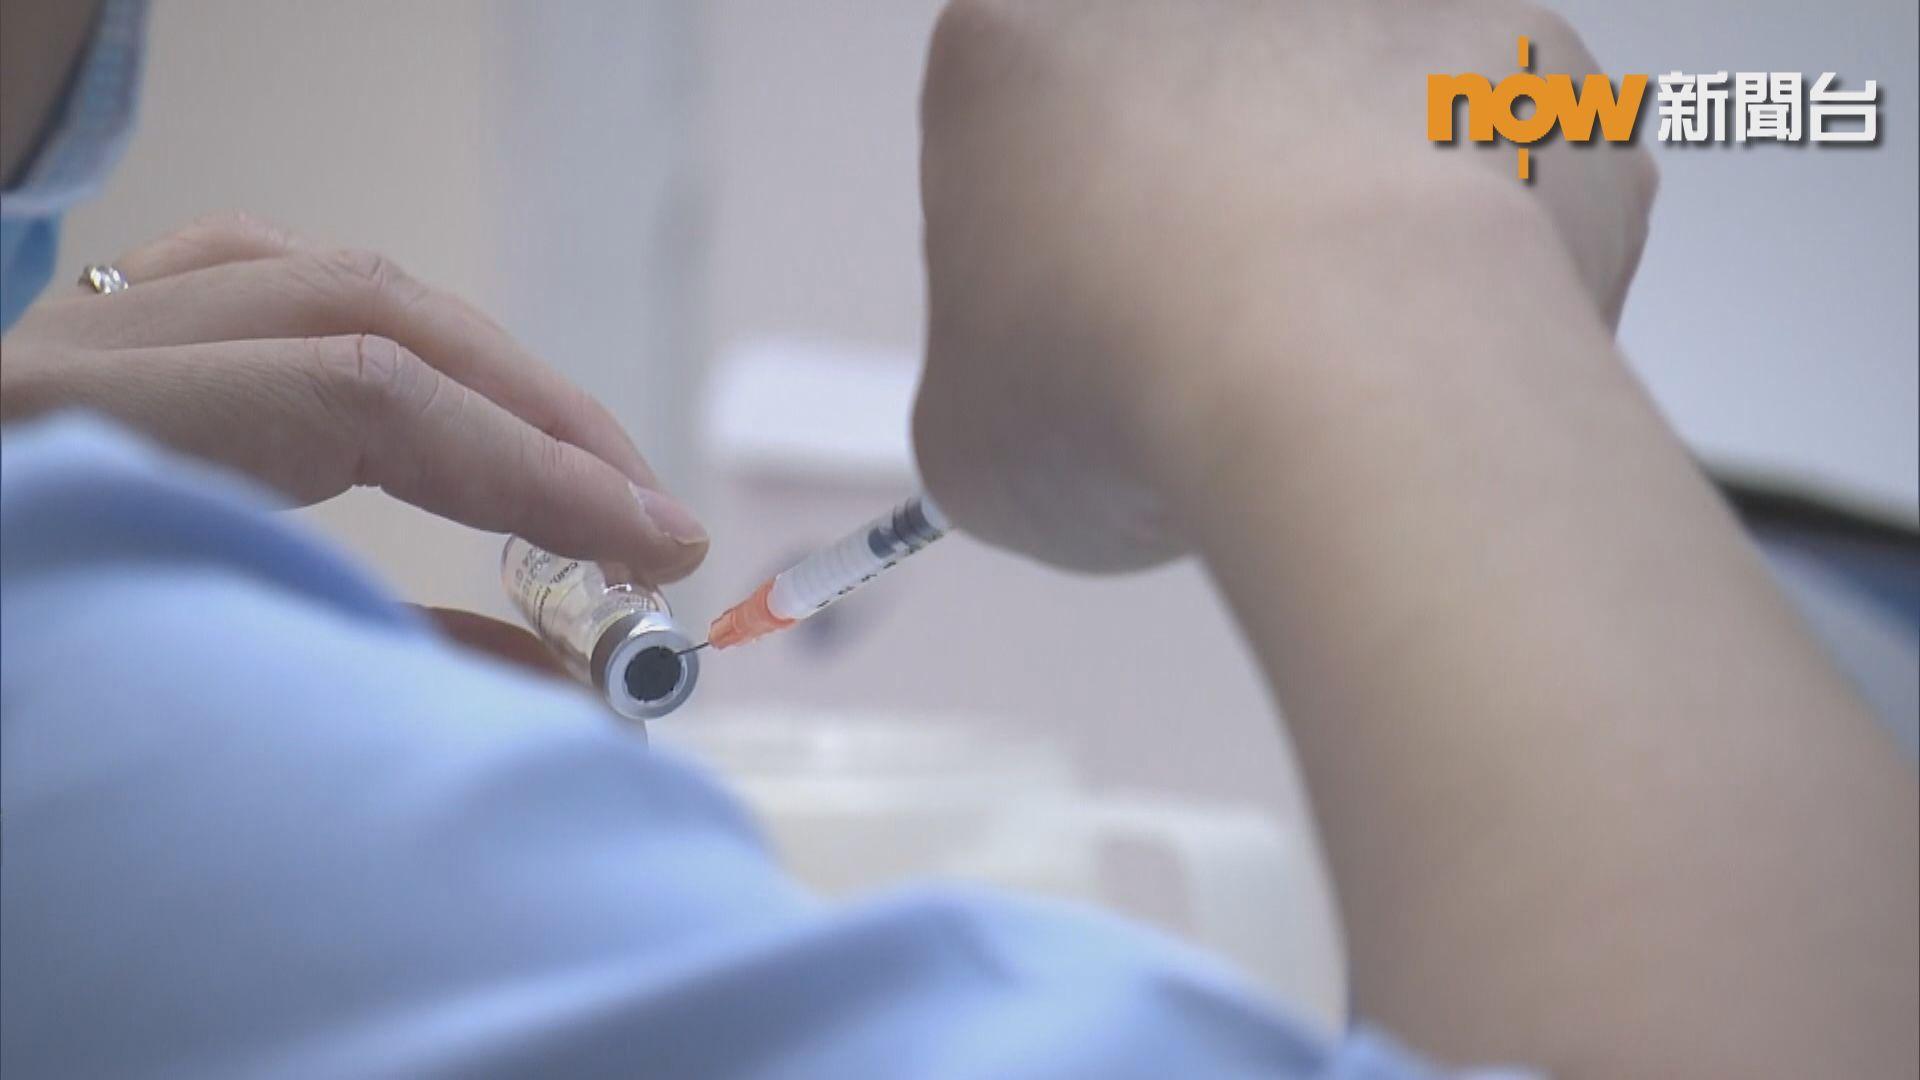 政府將更新疫苗接種紀錄配合英國修訂入境規定